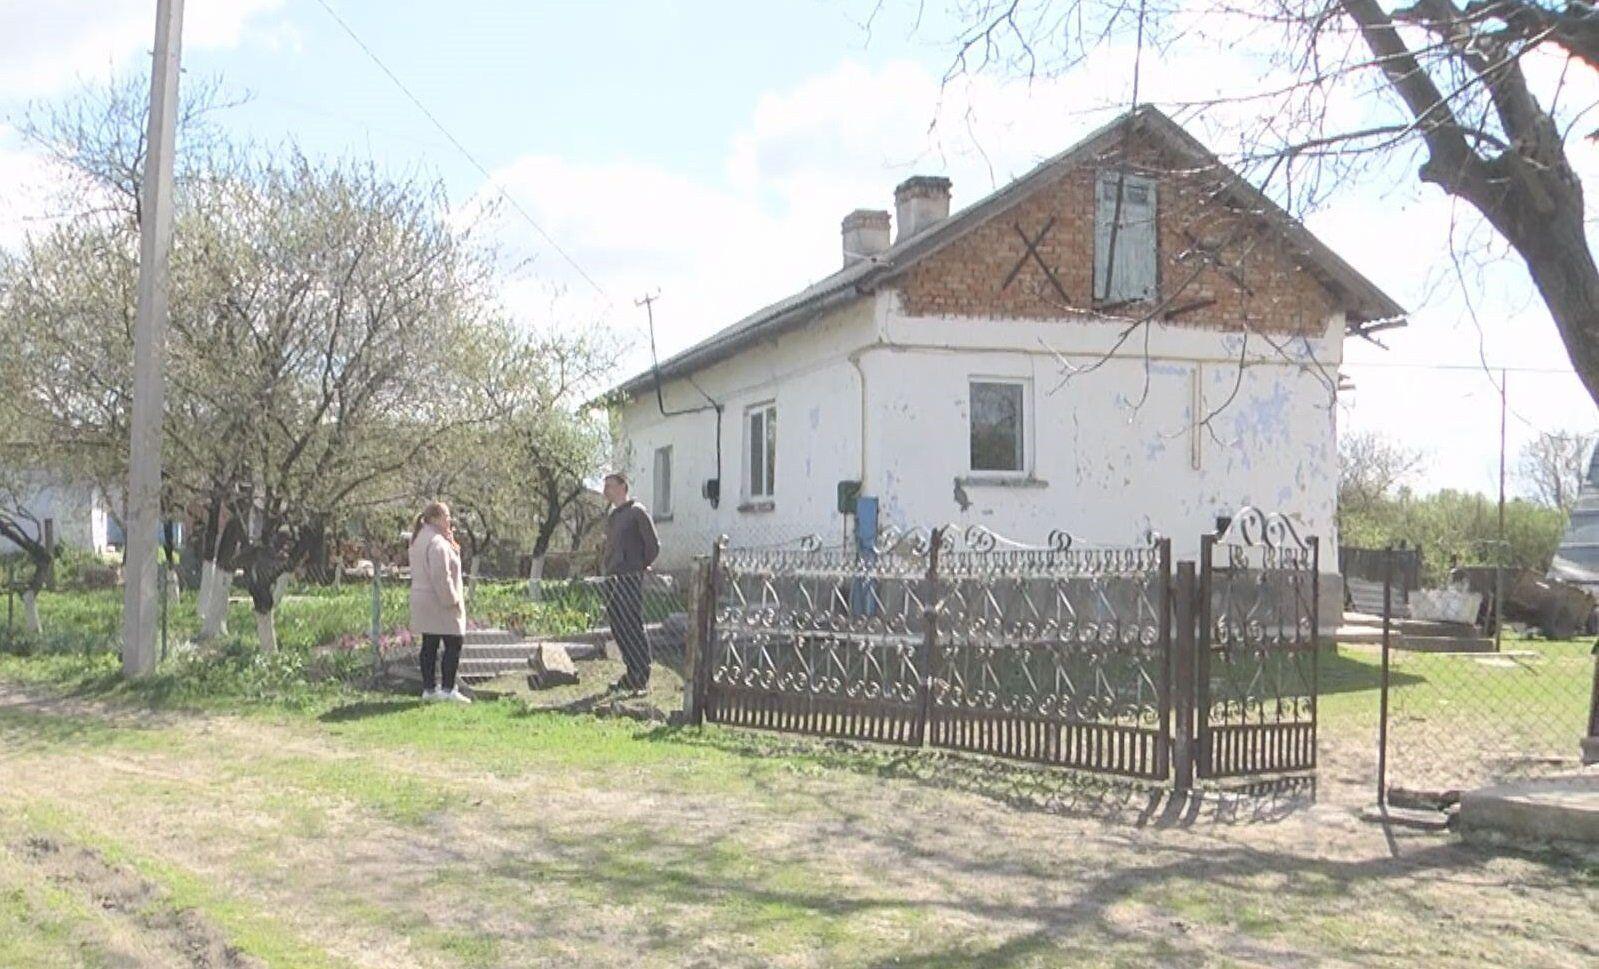 Андрій Пекельний зобов'язаний перебувати під цілодобовим домашнім арештом